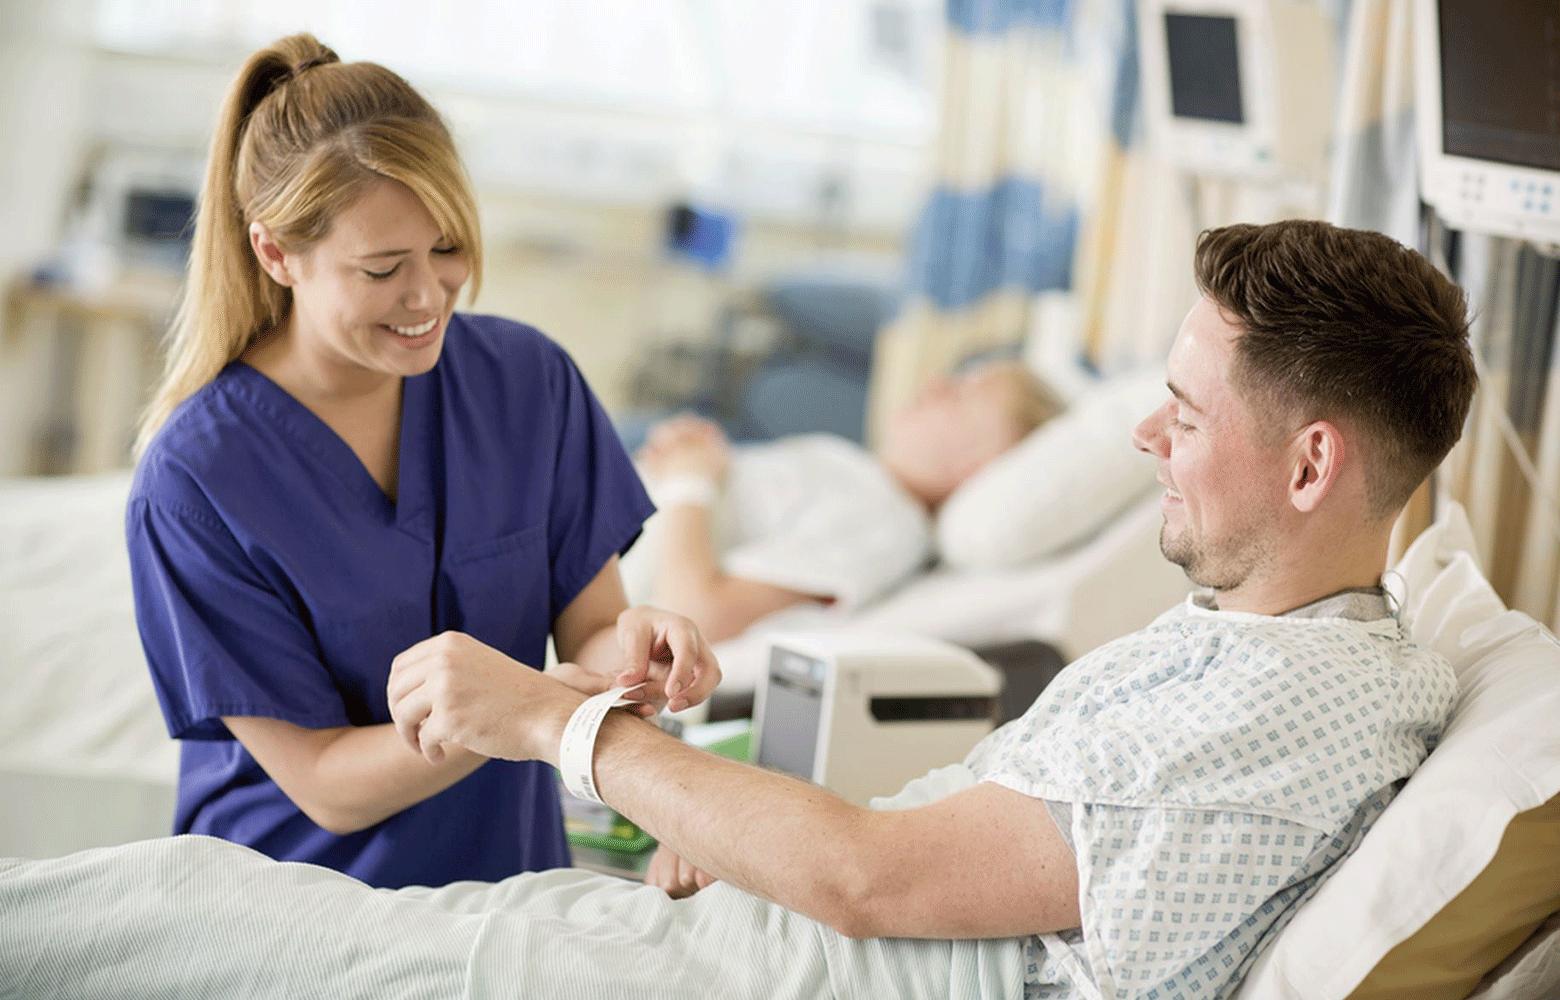 Sygeplejerske sætter armbånd på patient